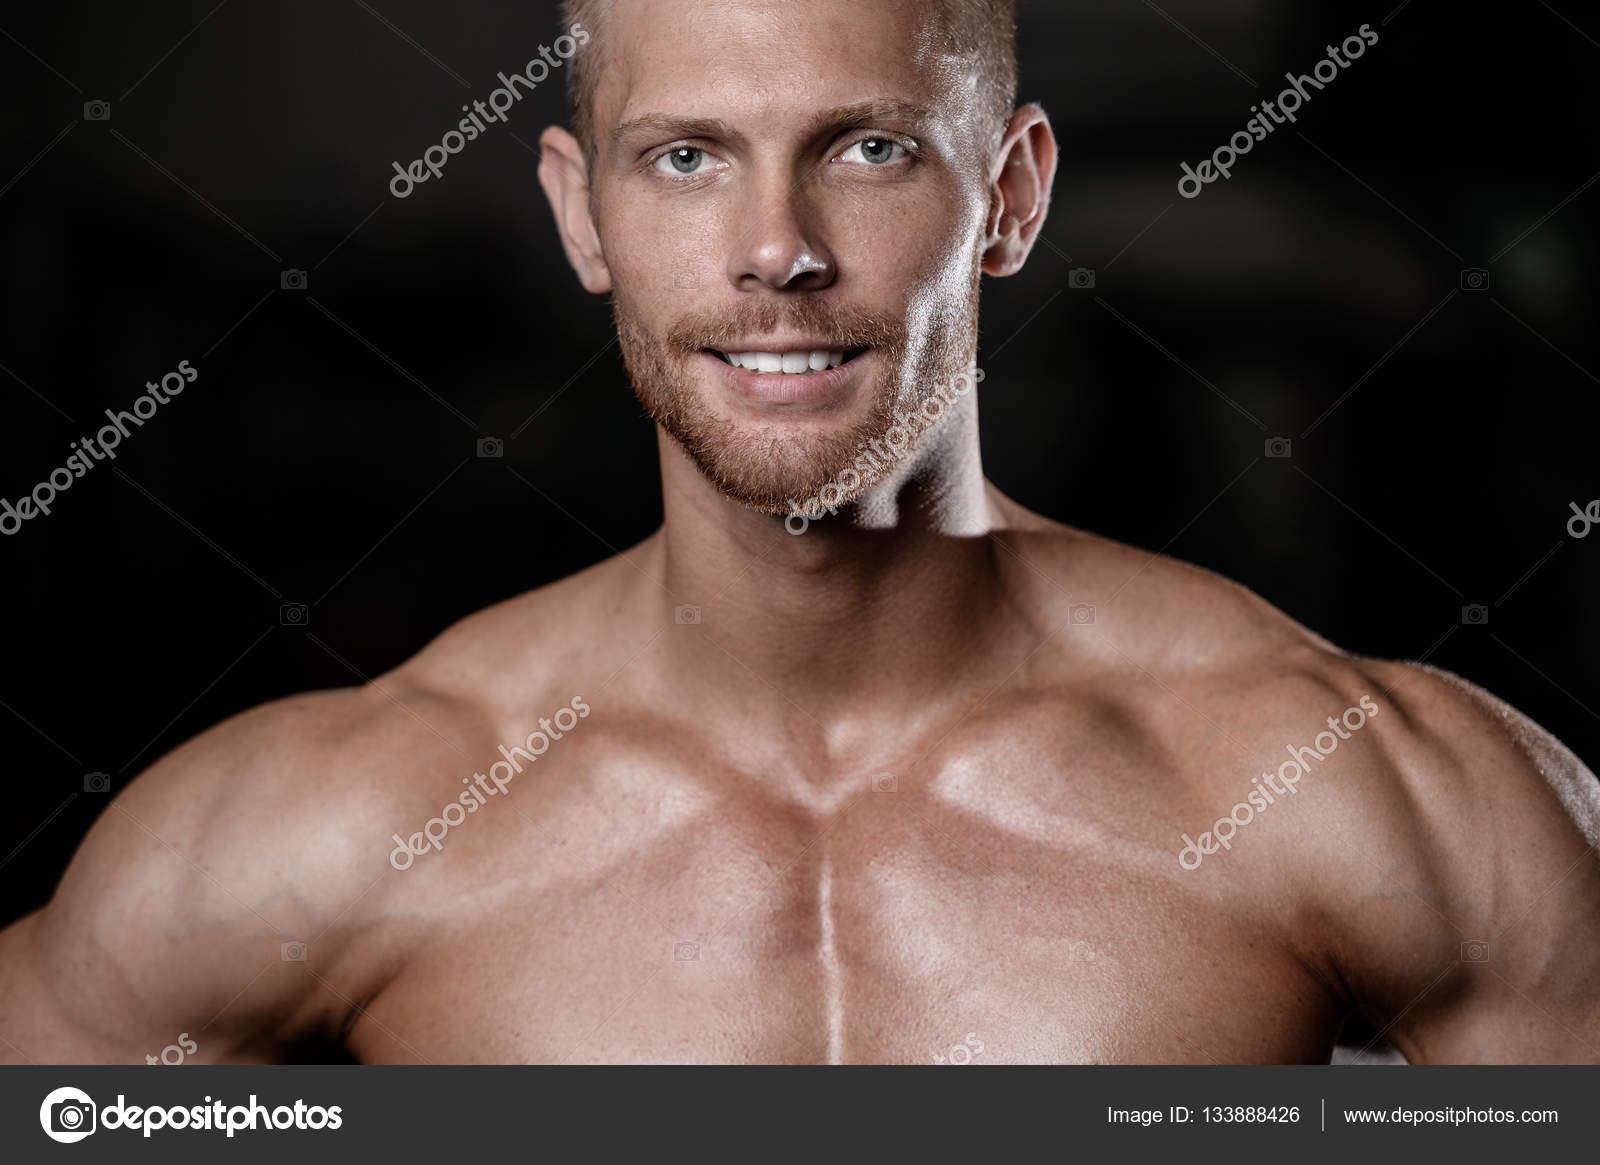 naked-men-workout